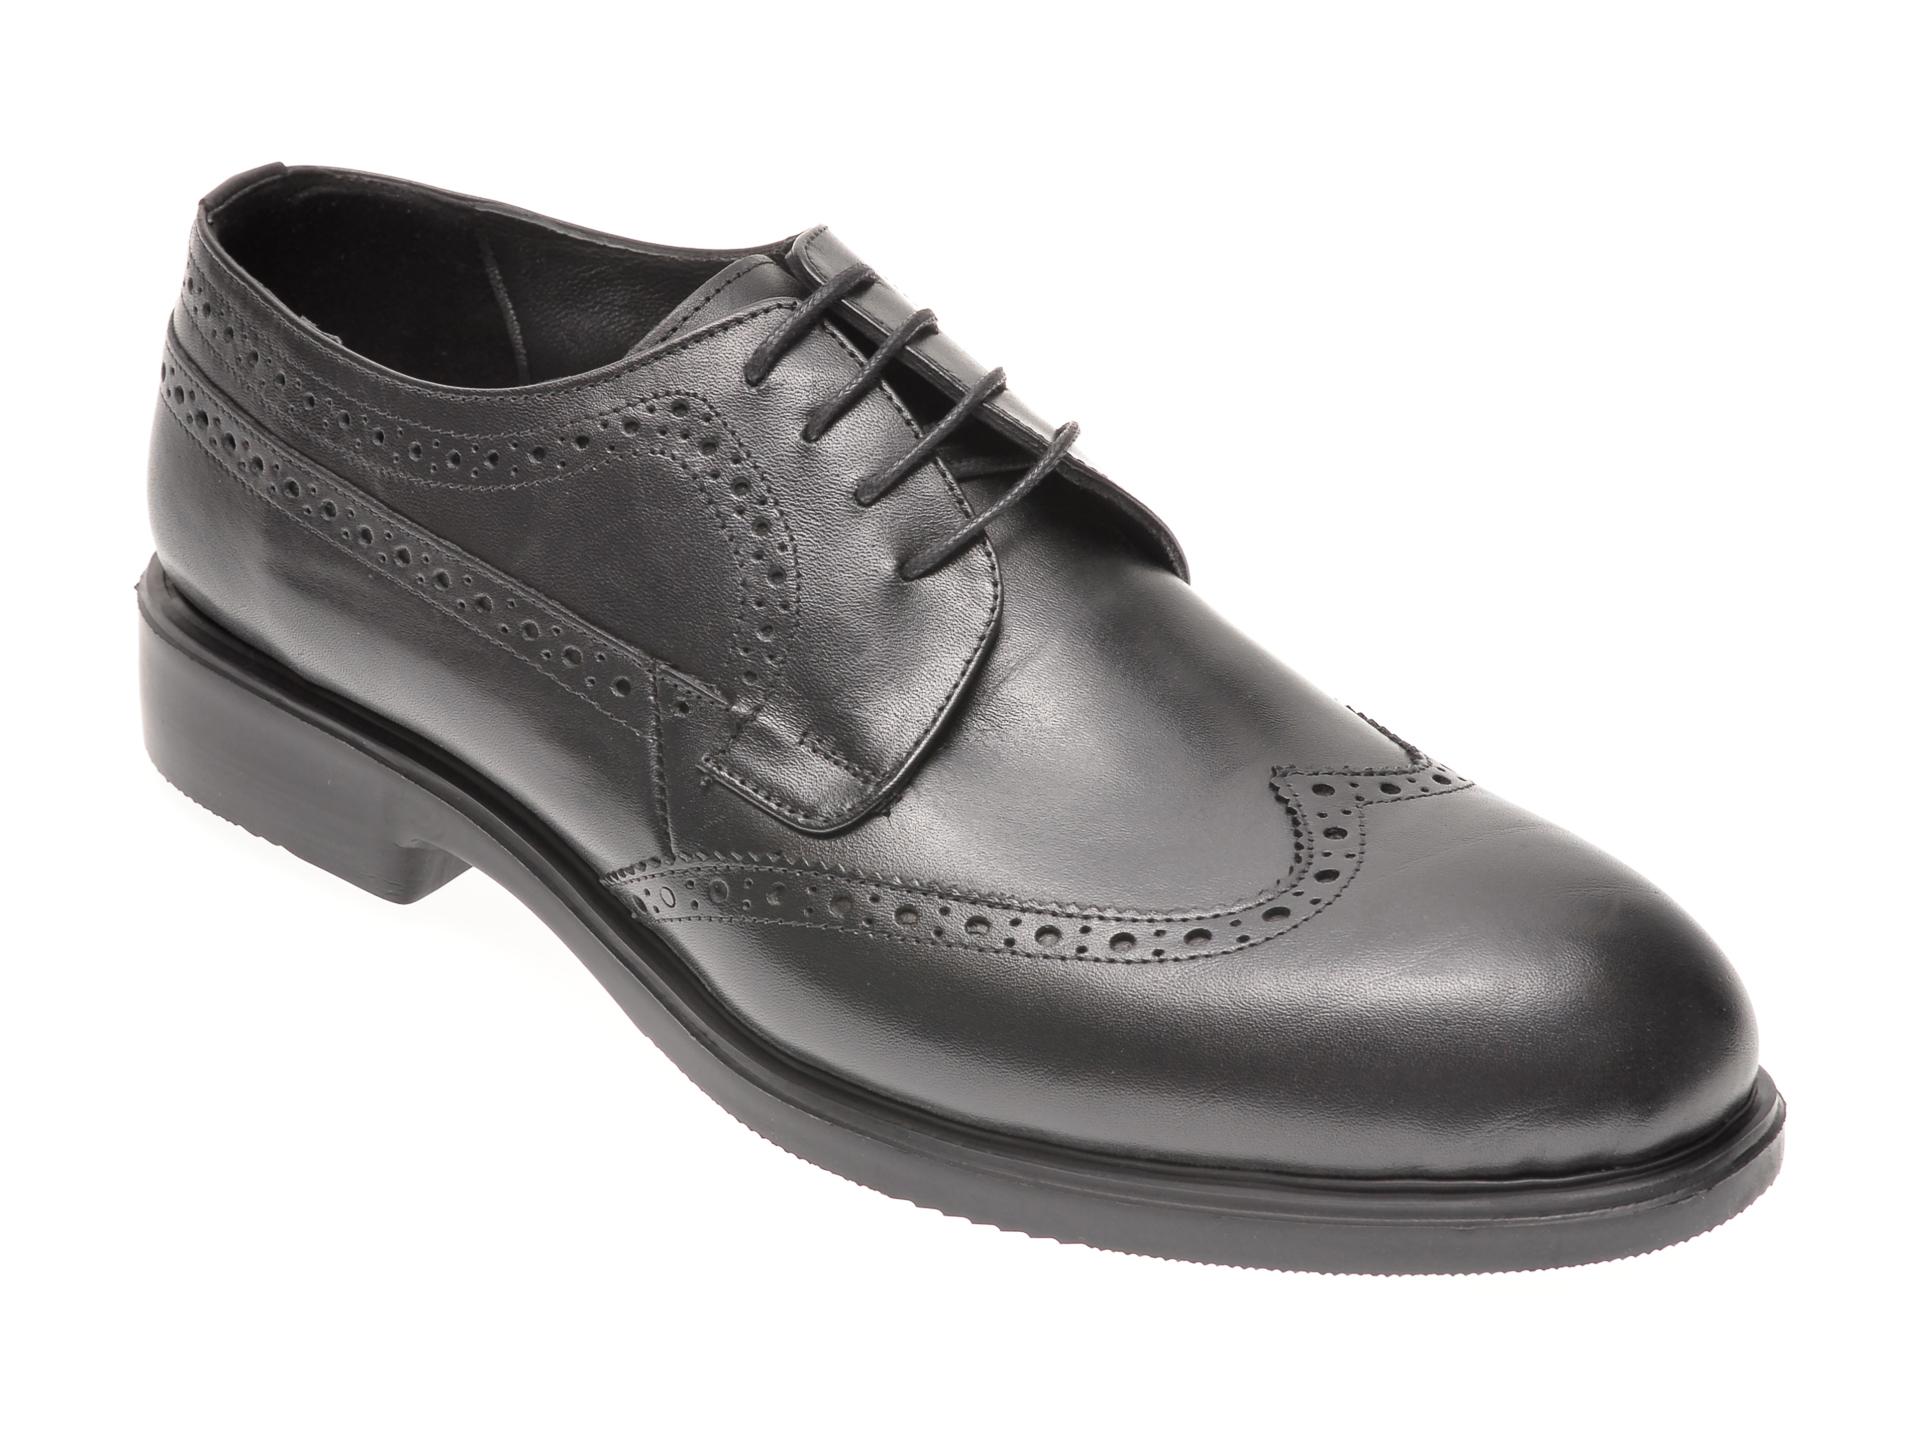 Pantofi OTTER negri, 1042, din piele naturala imagine otter.ro 2021